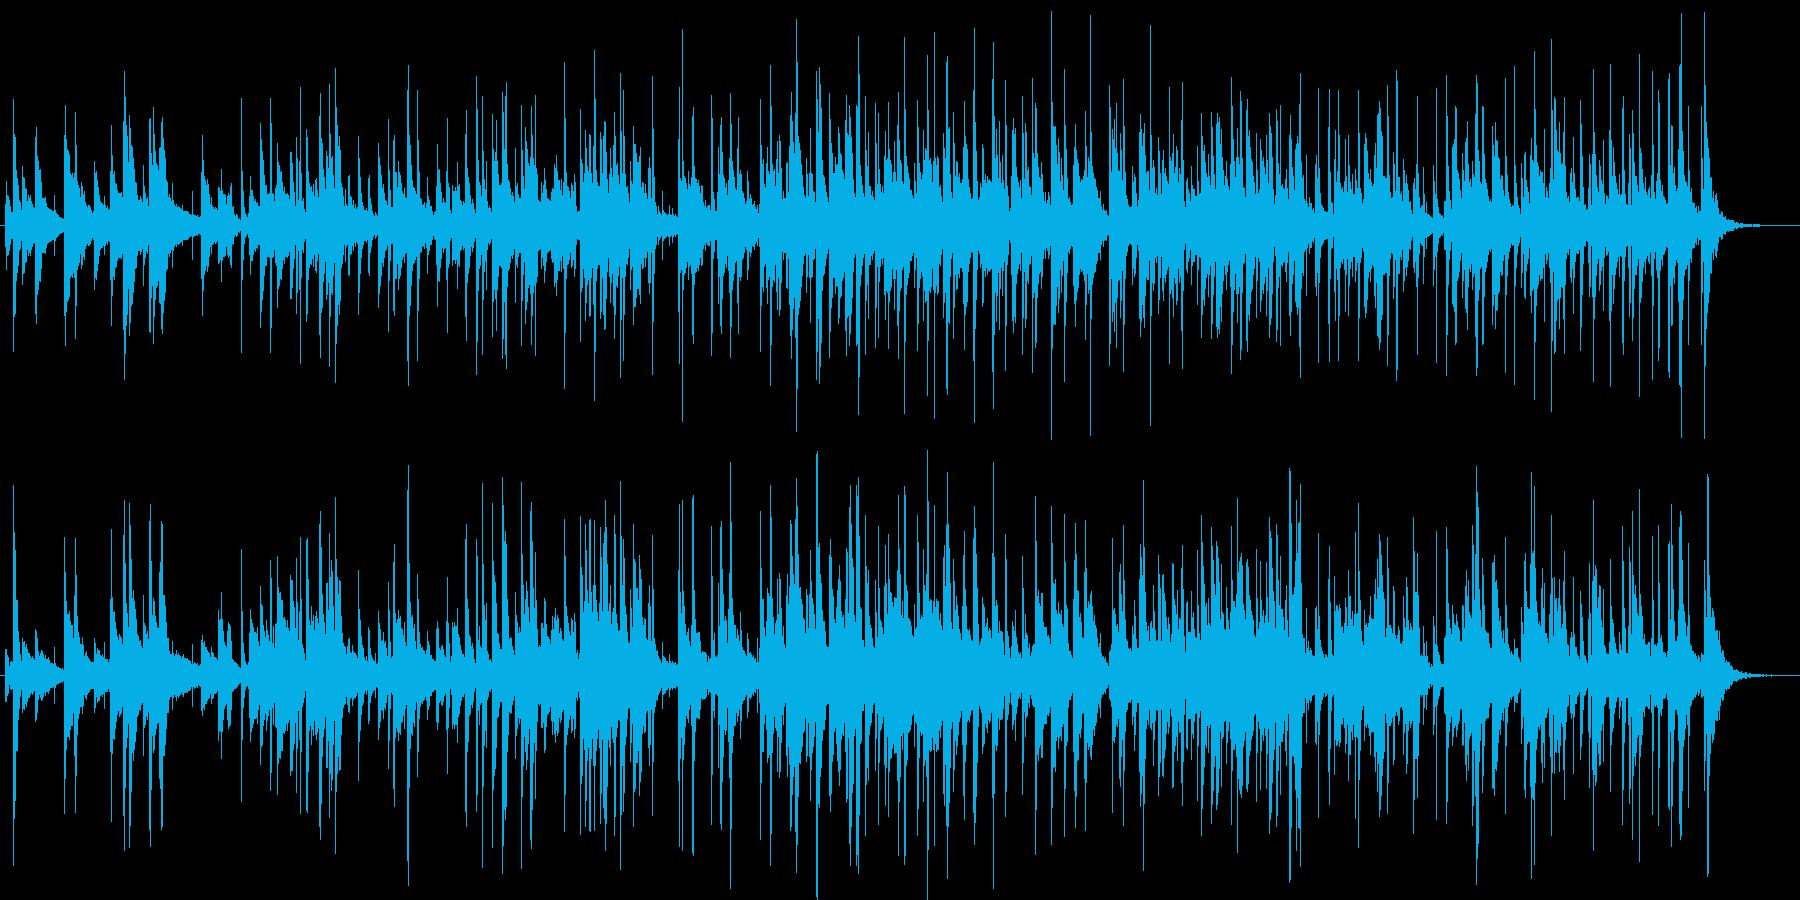 オシャレなジャズ風の曲の再生済みの波形